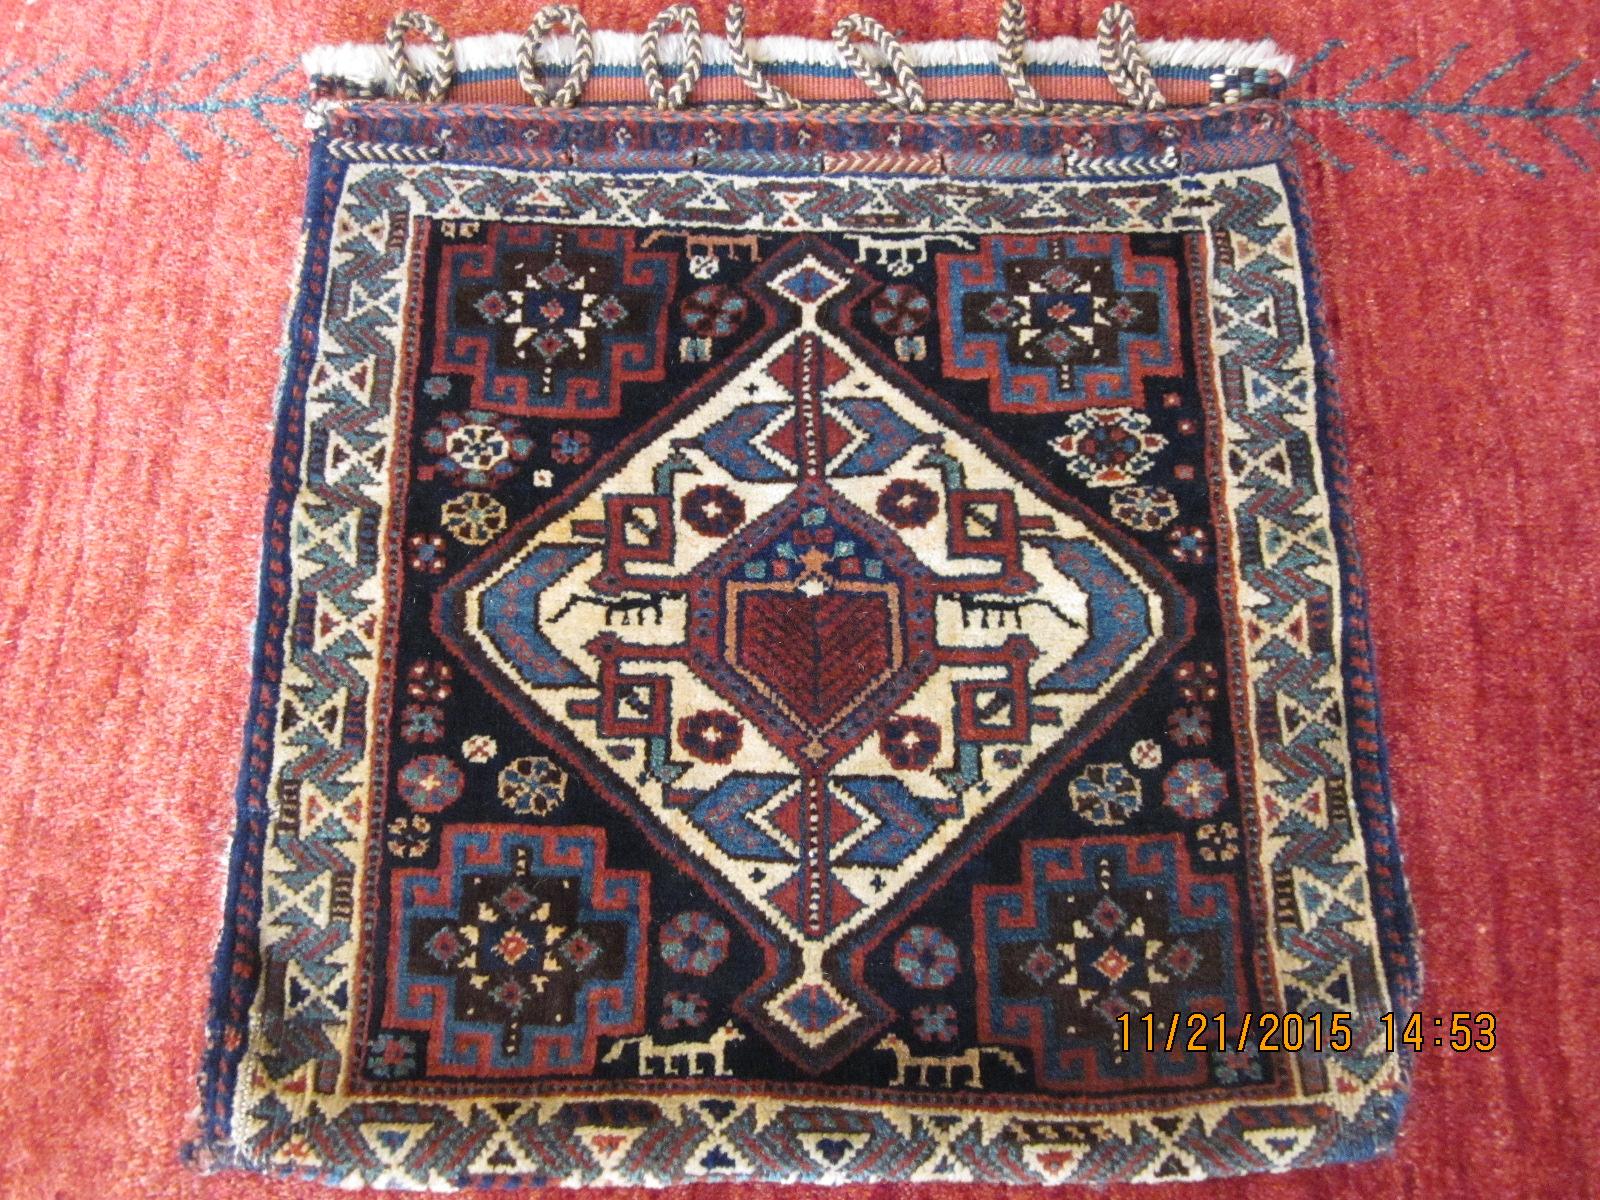 Antique Qashqai-Luri saddlebag.